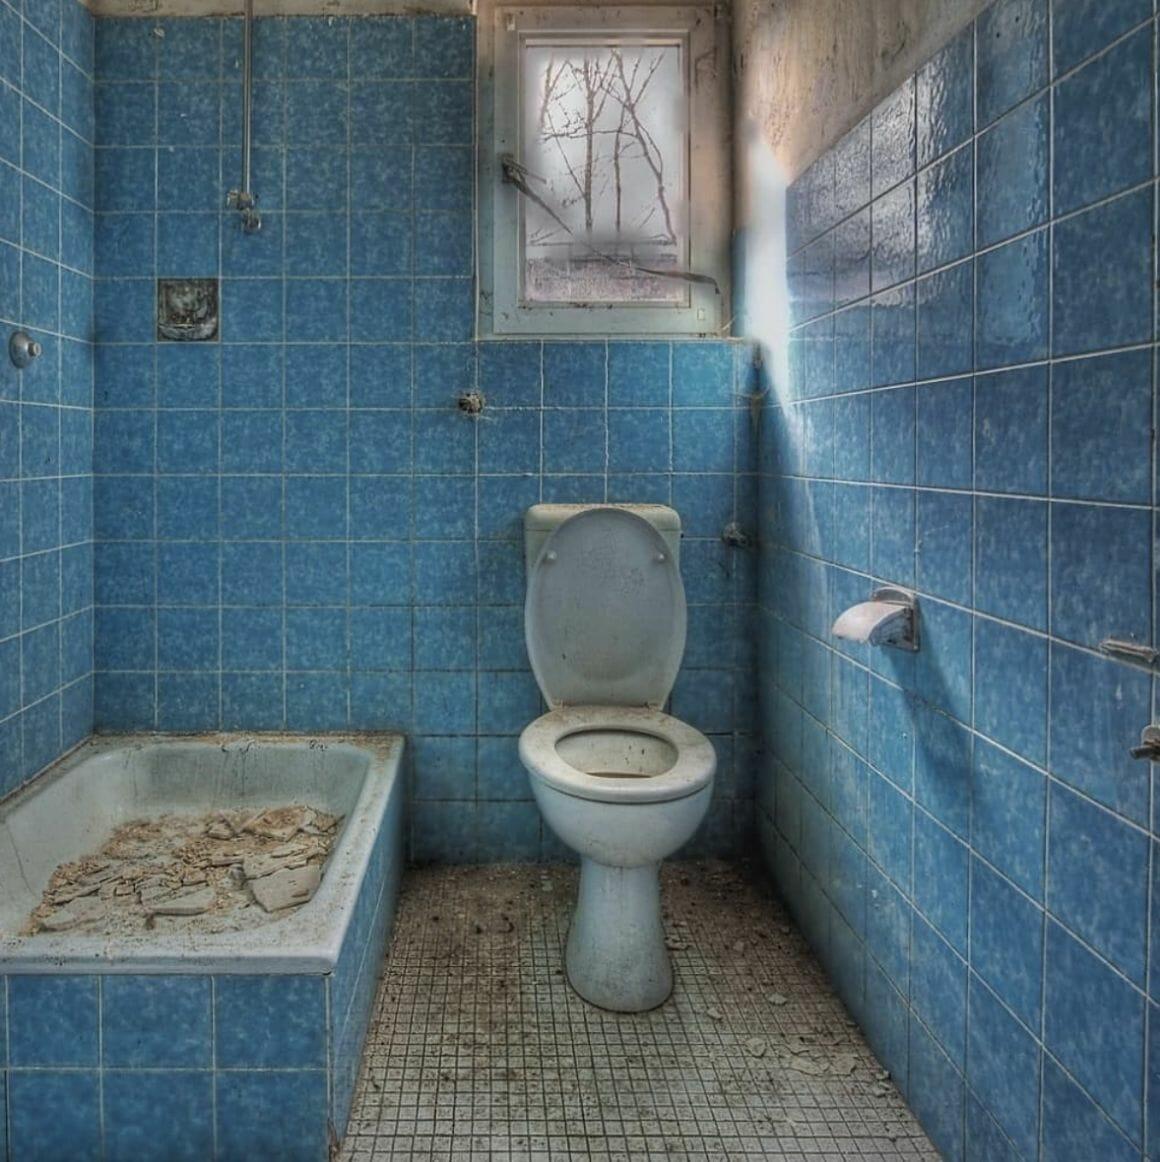 photographie d'une salle de bain prise par revierstrolch